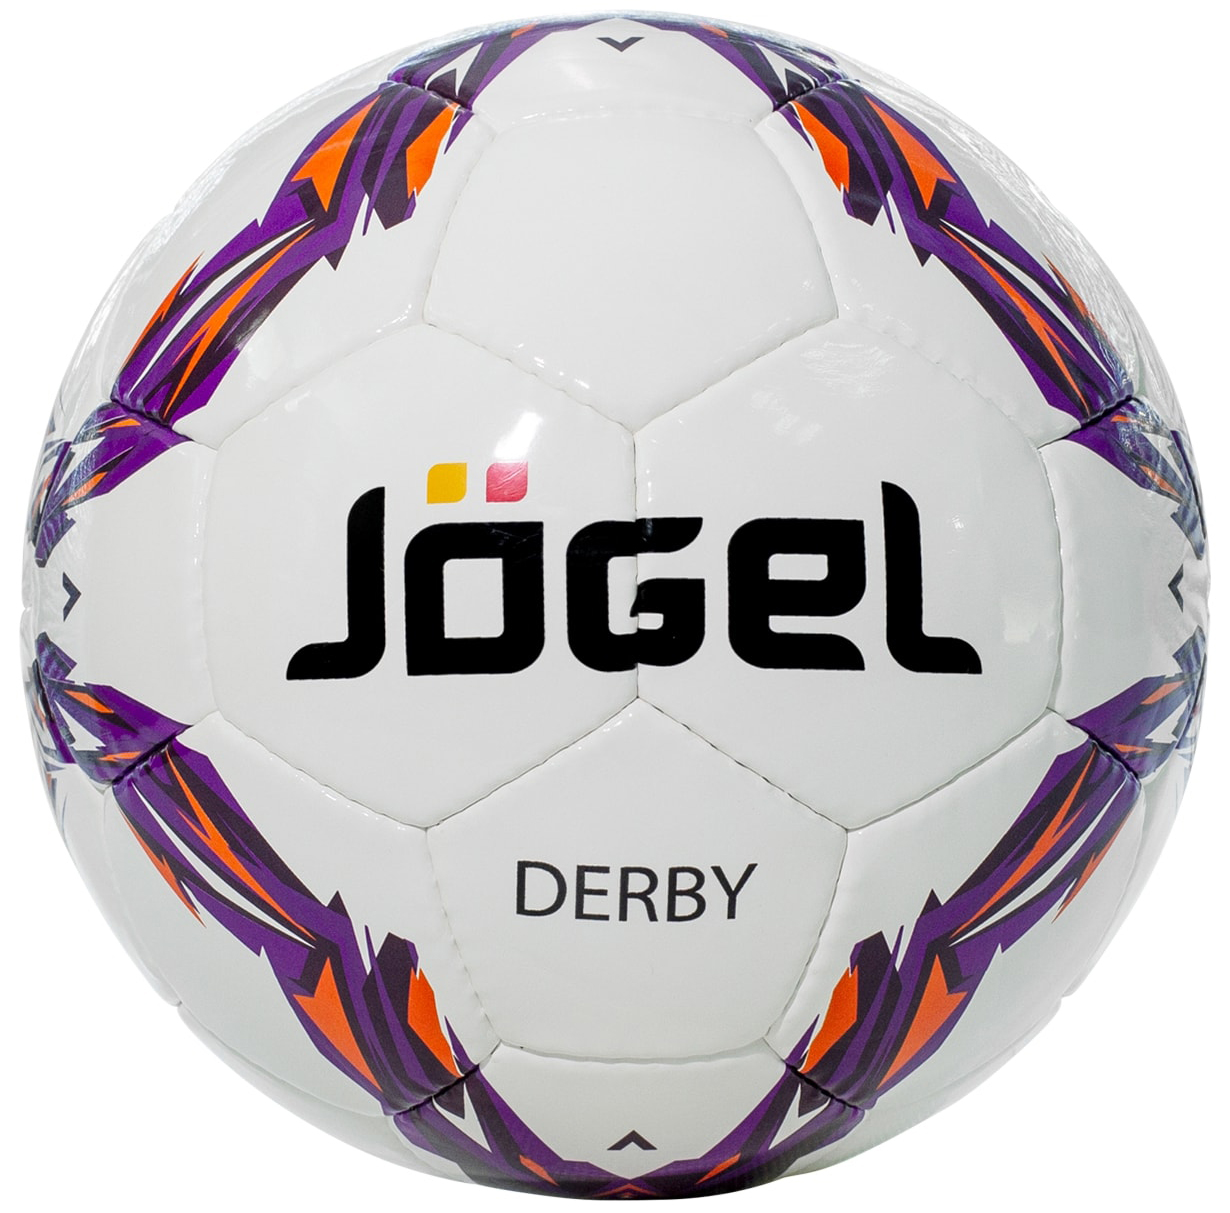 Мяч футбольный Jogel JS-560 Derby. Размер №5 мяч футбольный torres vision resposta fifa quality pro размер 5